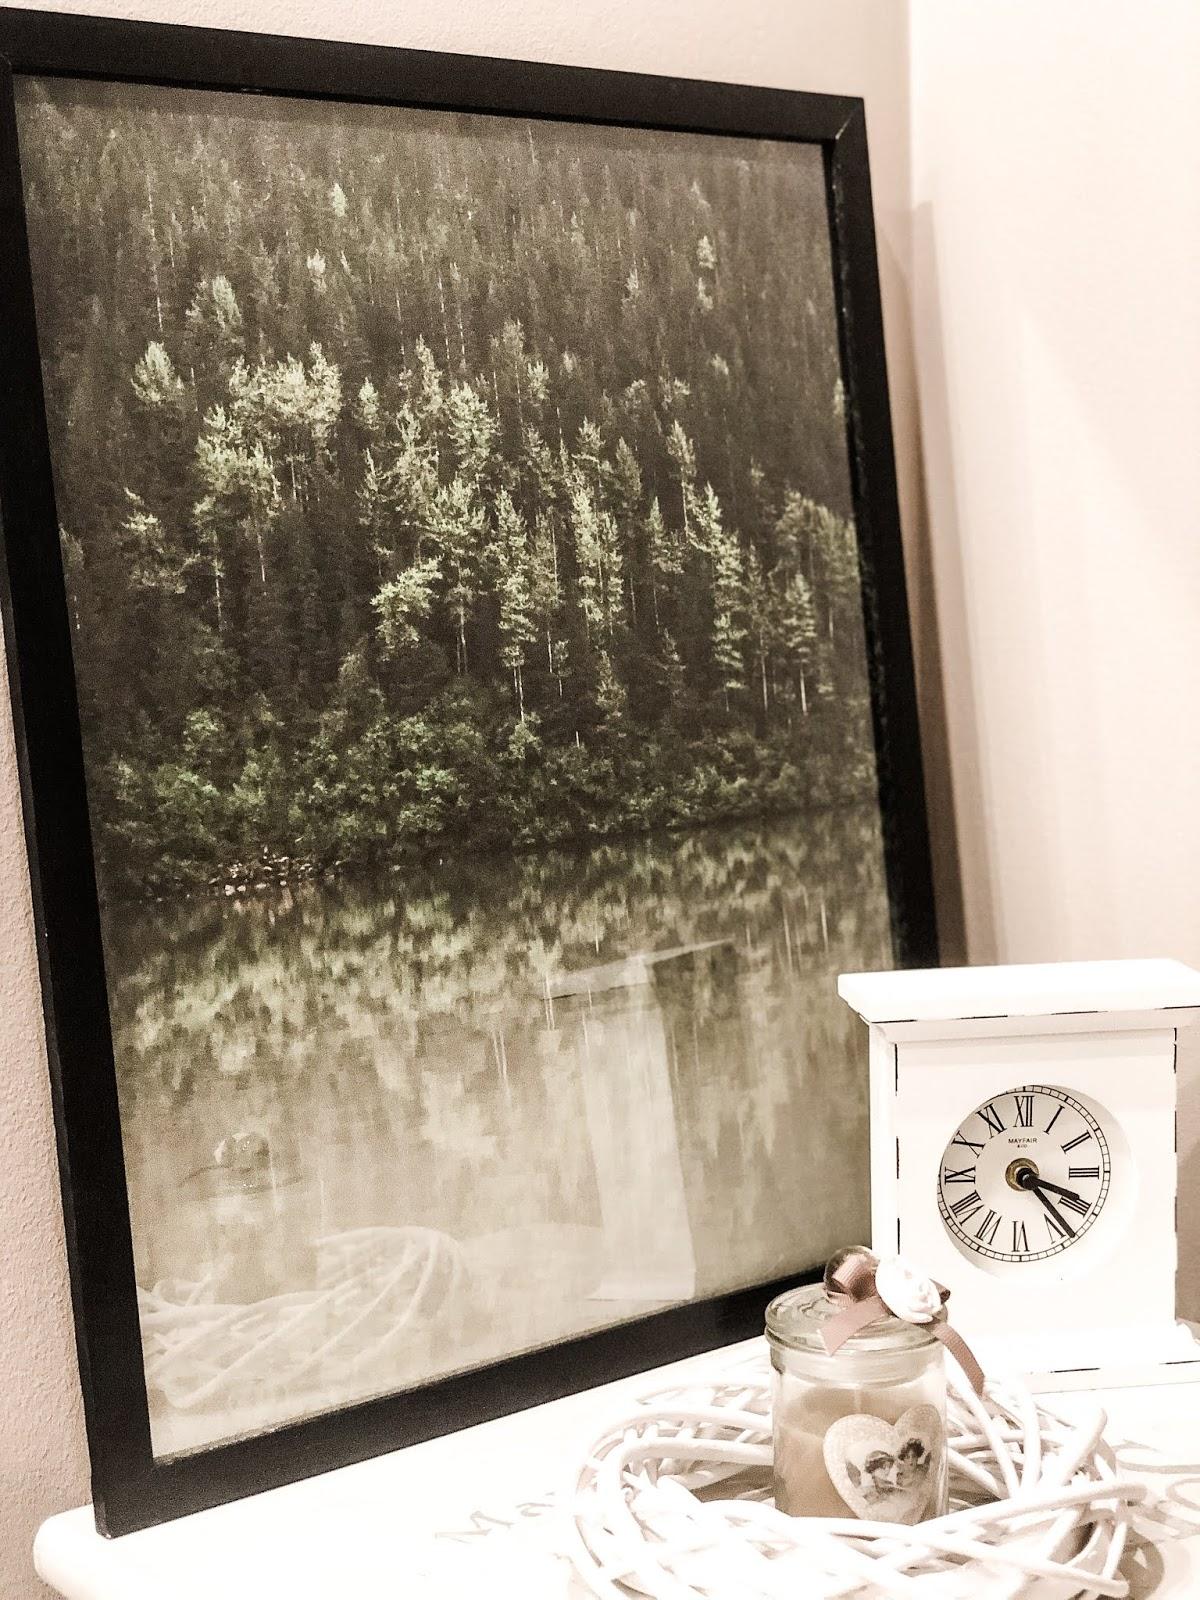 Efektowny plakat z motywem pięknie odbijającego się w wodzie zielonego lasu